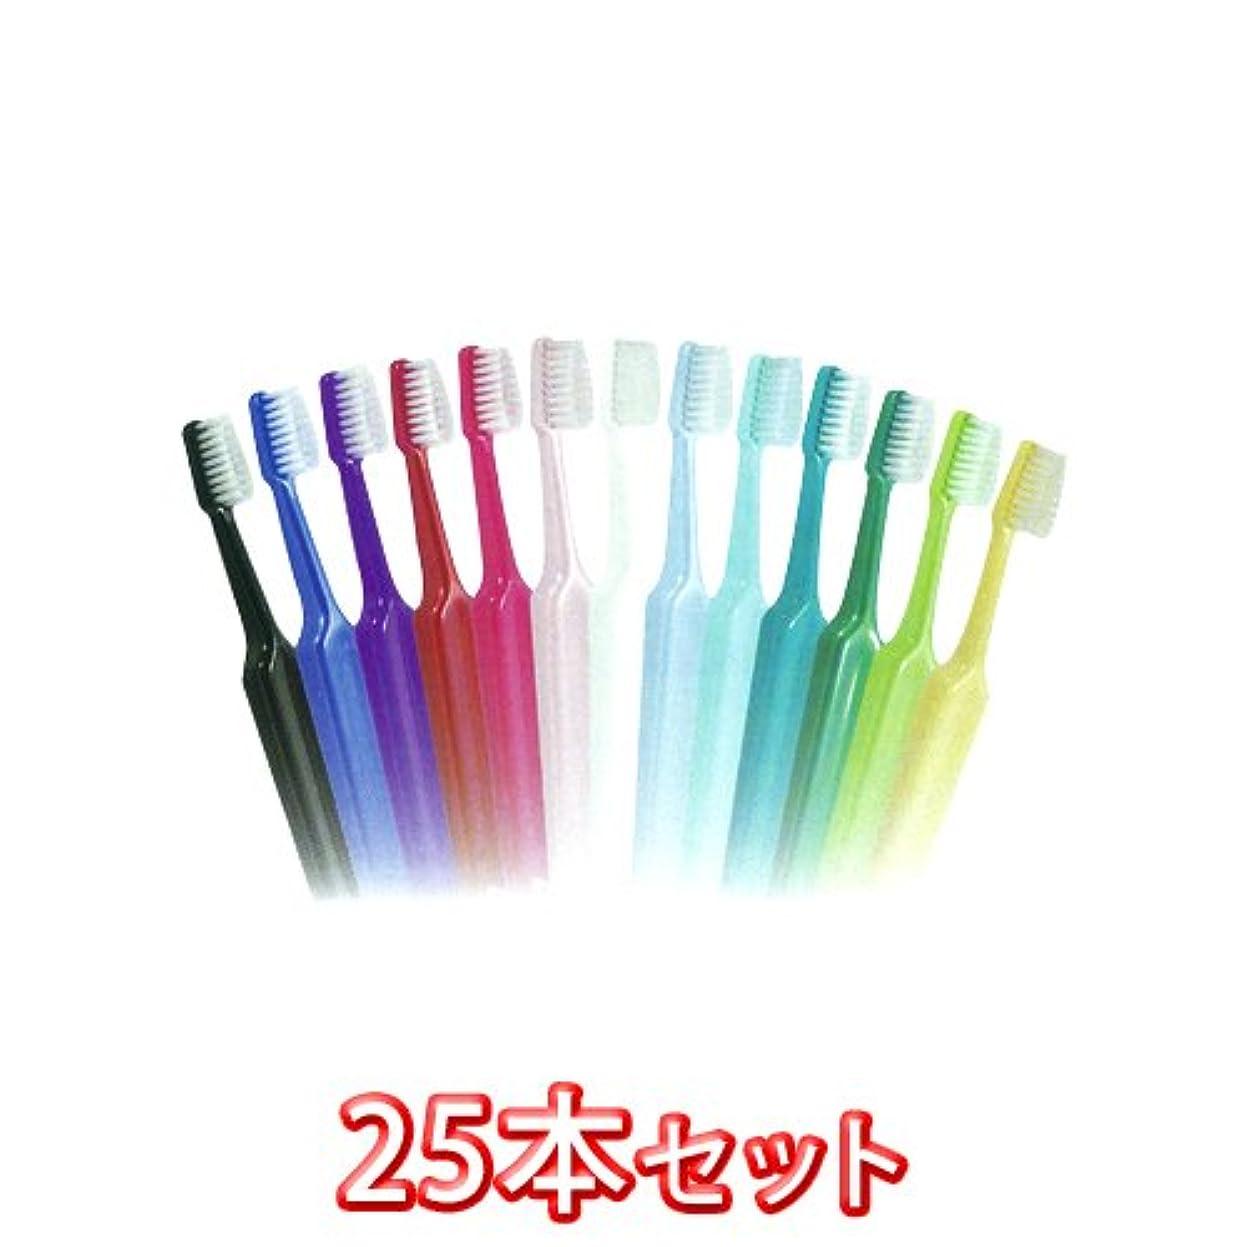 困難学部長あえてTePeテペセレクトコンパクト歯ブラシ 25本(コンパクトミディアム)